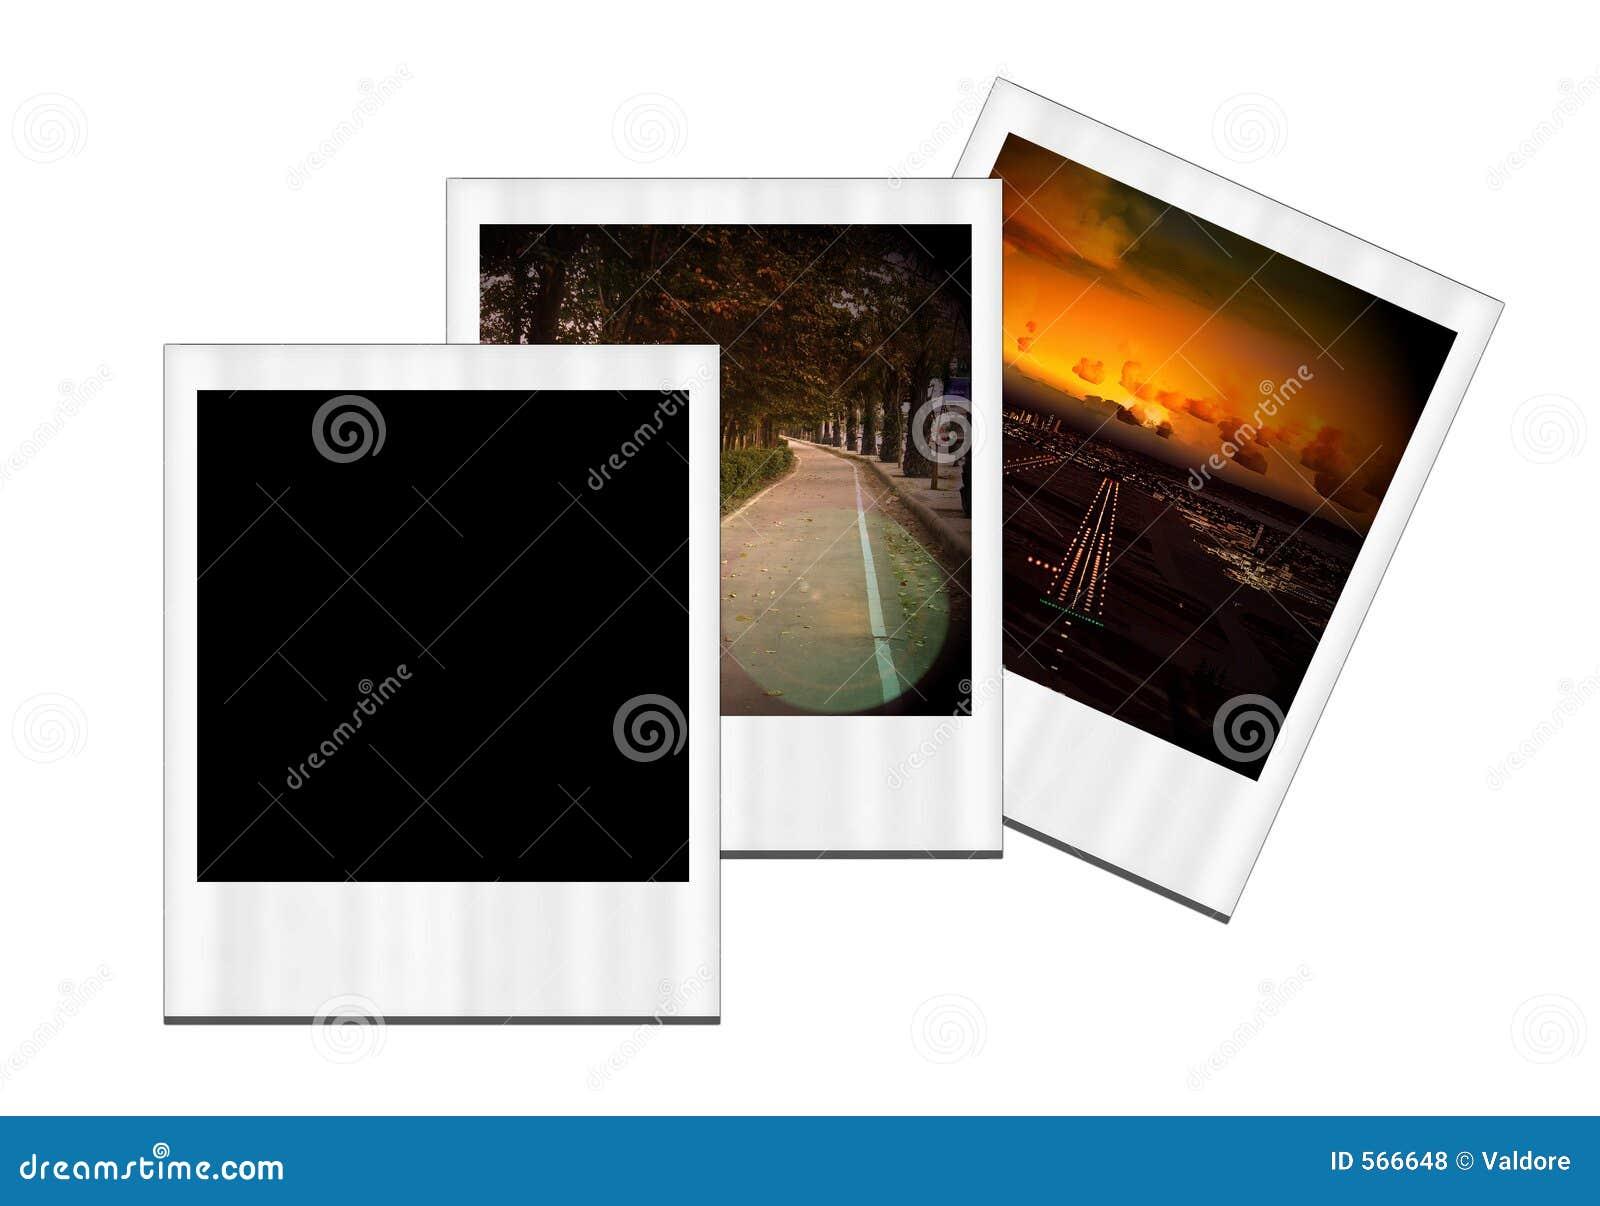 Still images